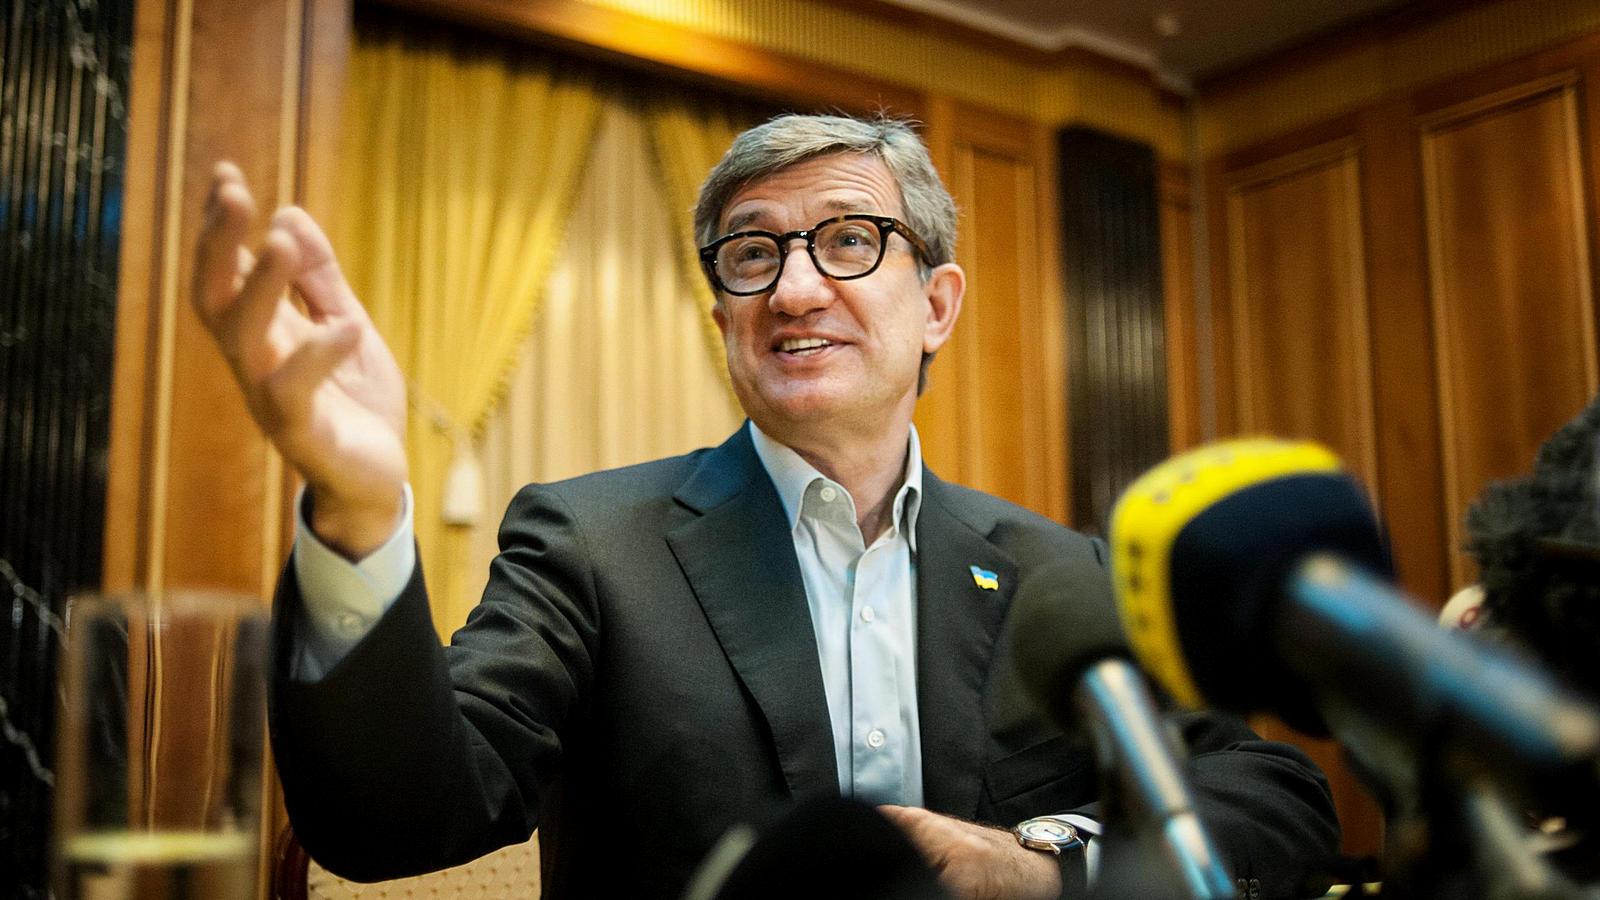 Сергей Тарута обещает примирить все группы влияния, если станет президентом